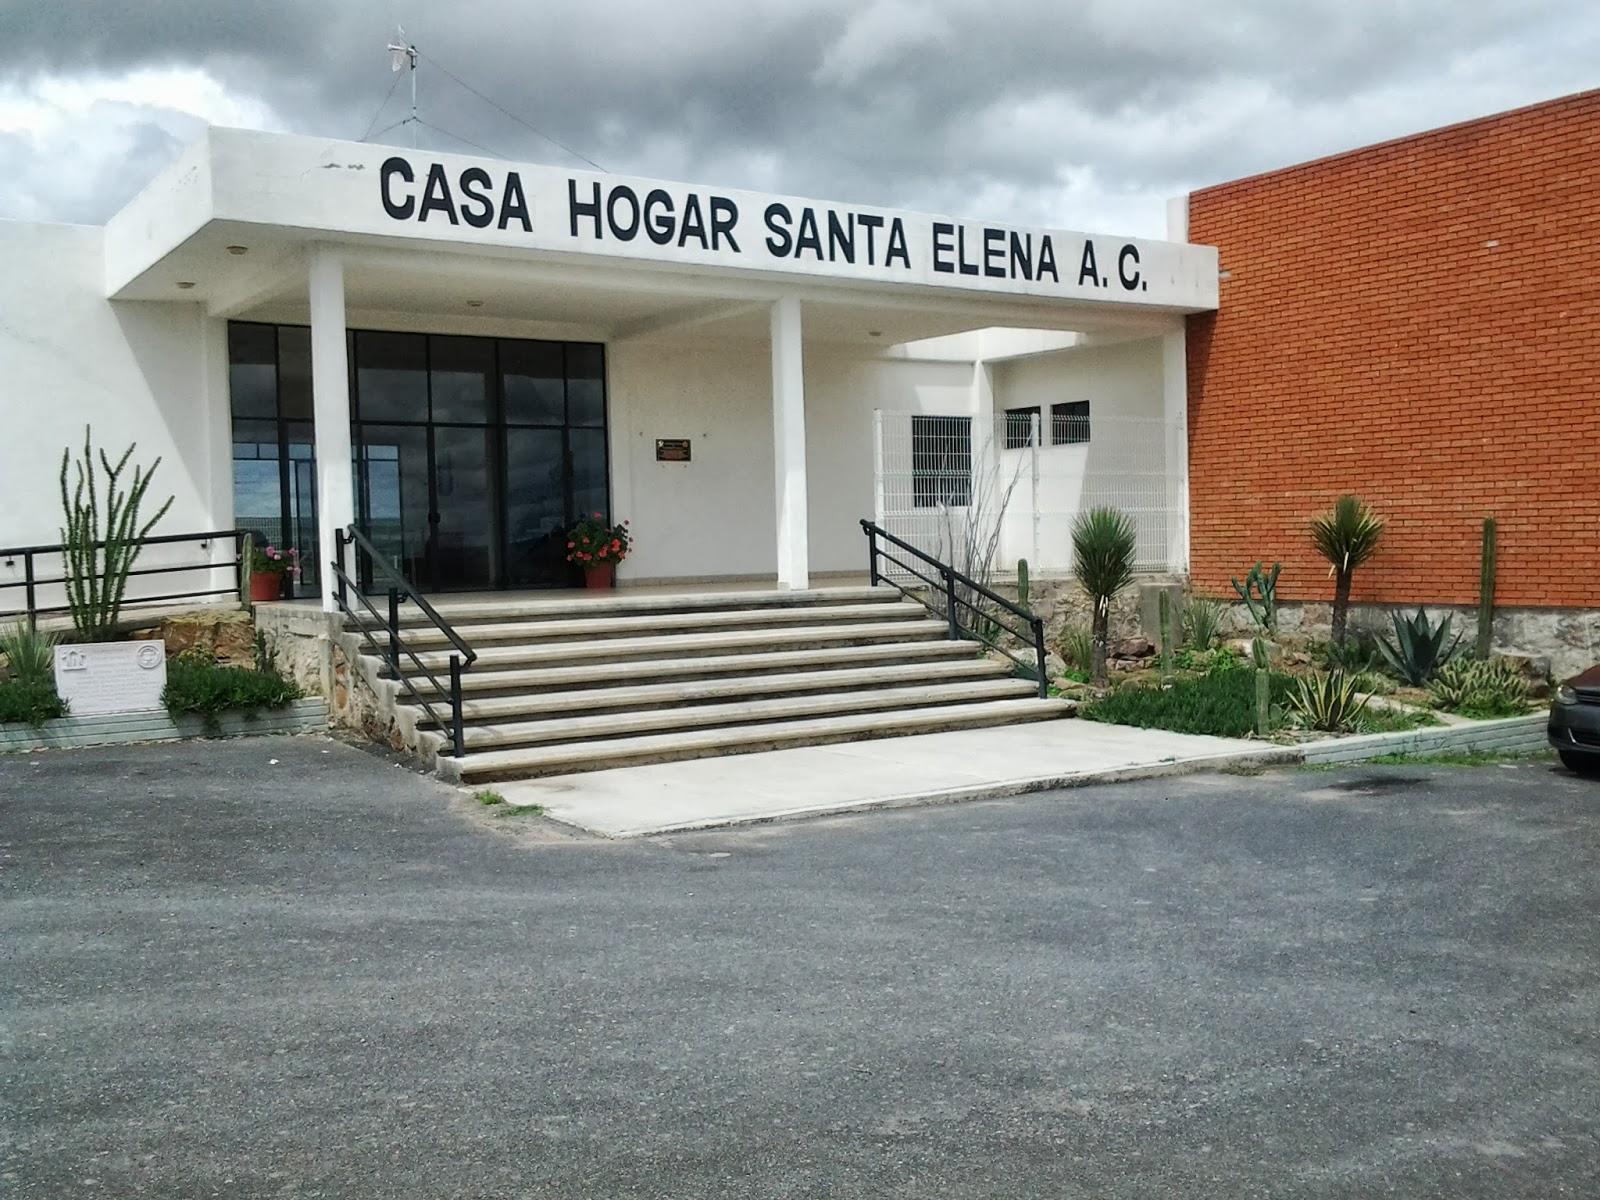 Casa hogar santa elena ac asilo de ancianos en rio grande for Asilo in casa